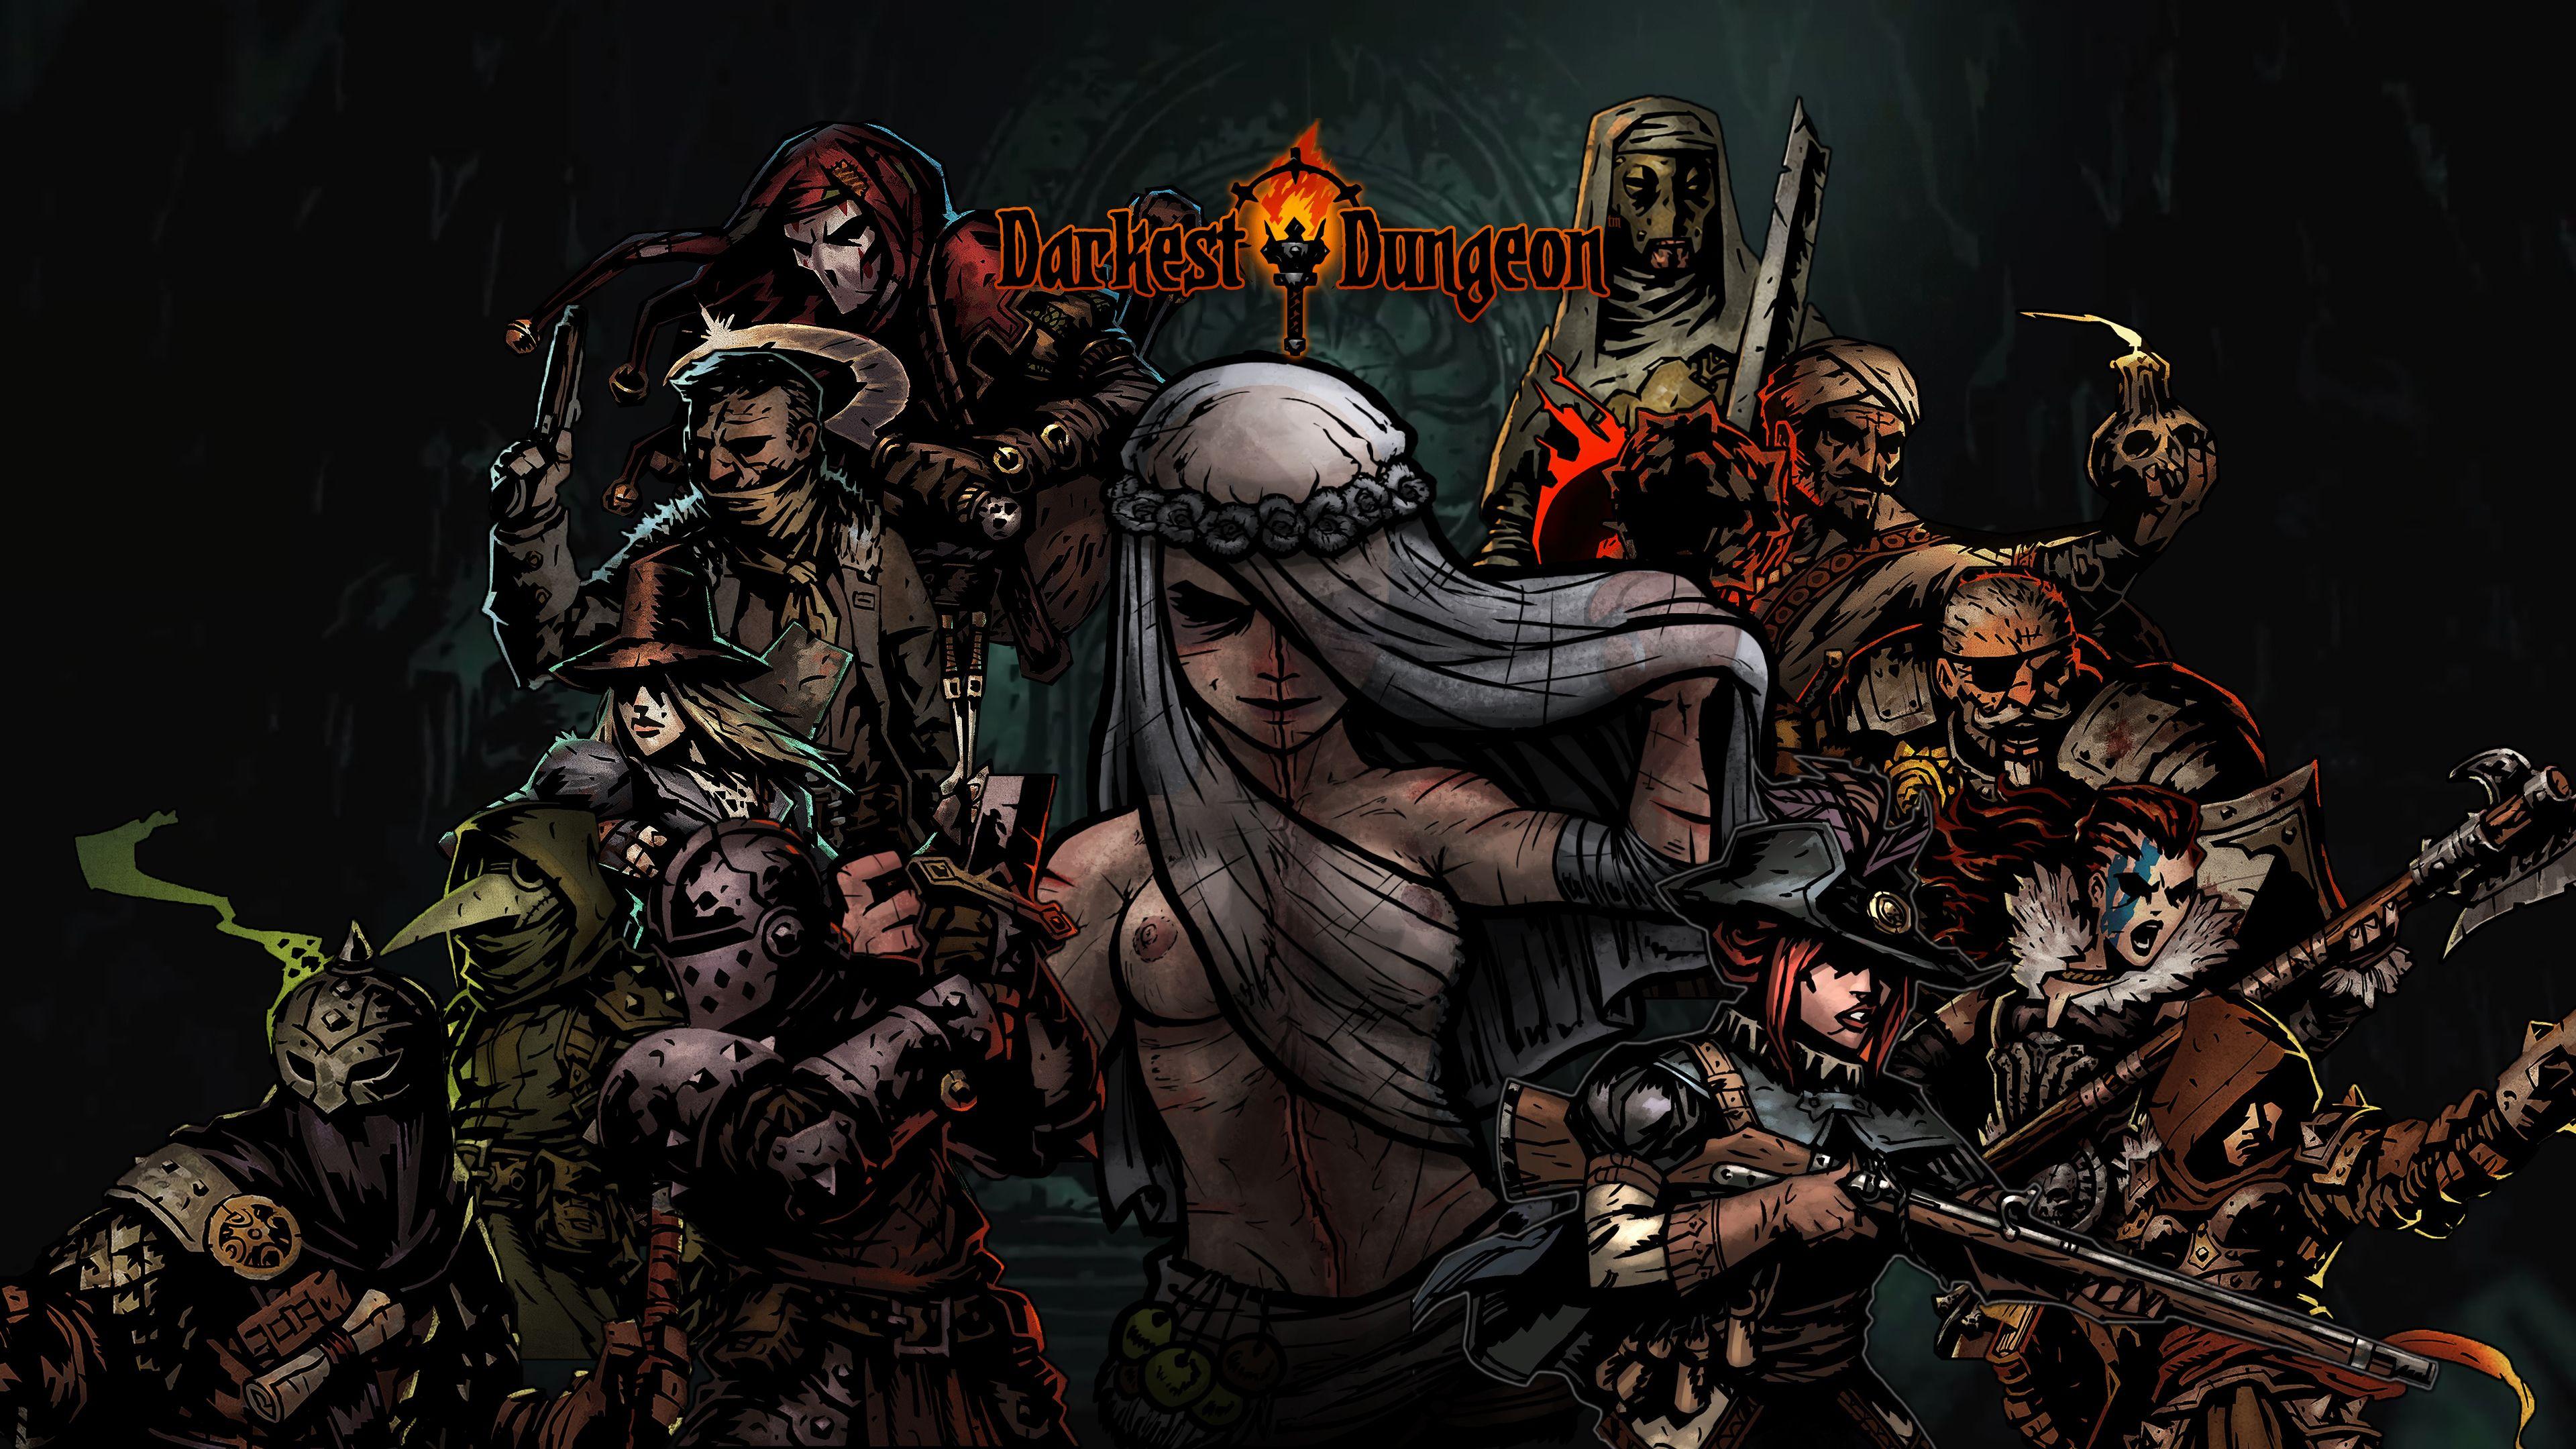 Darkest Dungeon Wallpaper 4k Darkest dungeon, Dungeon